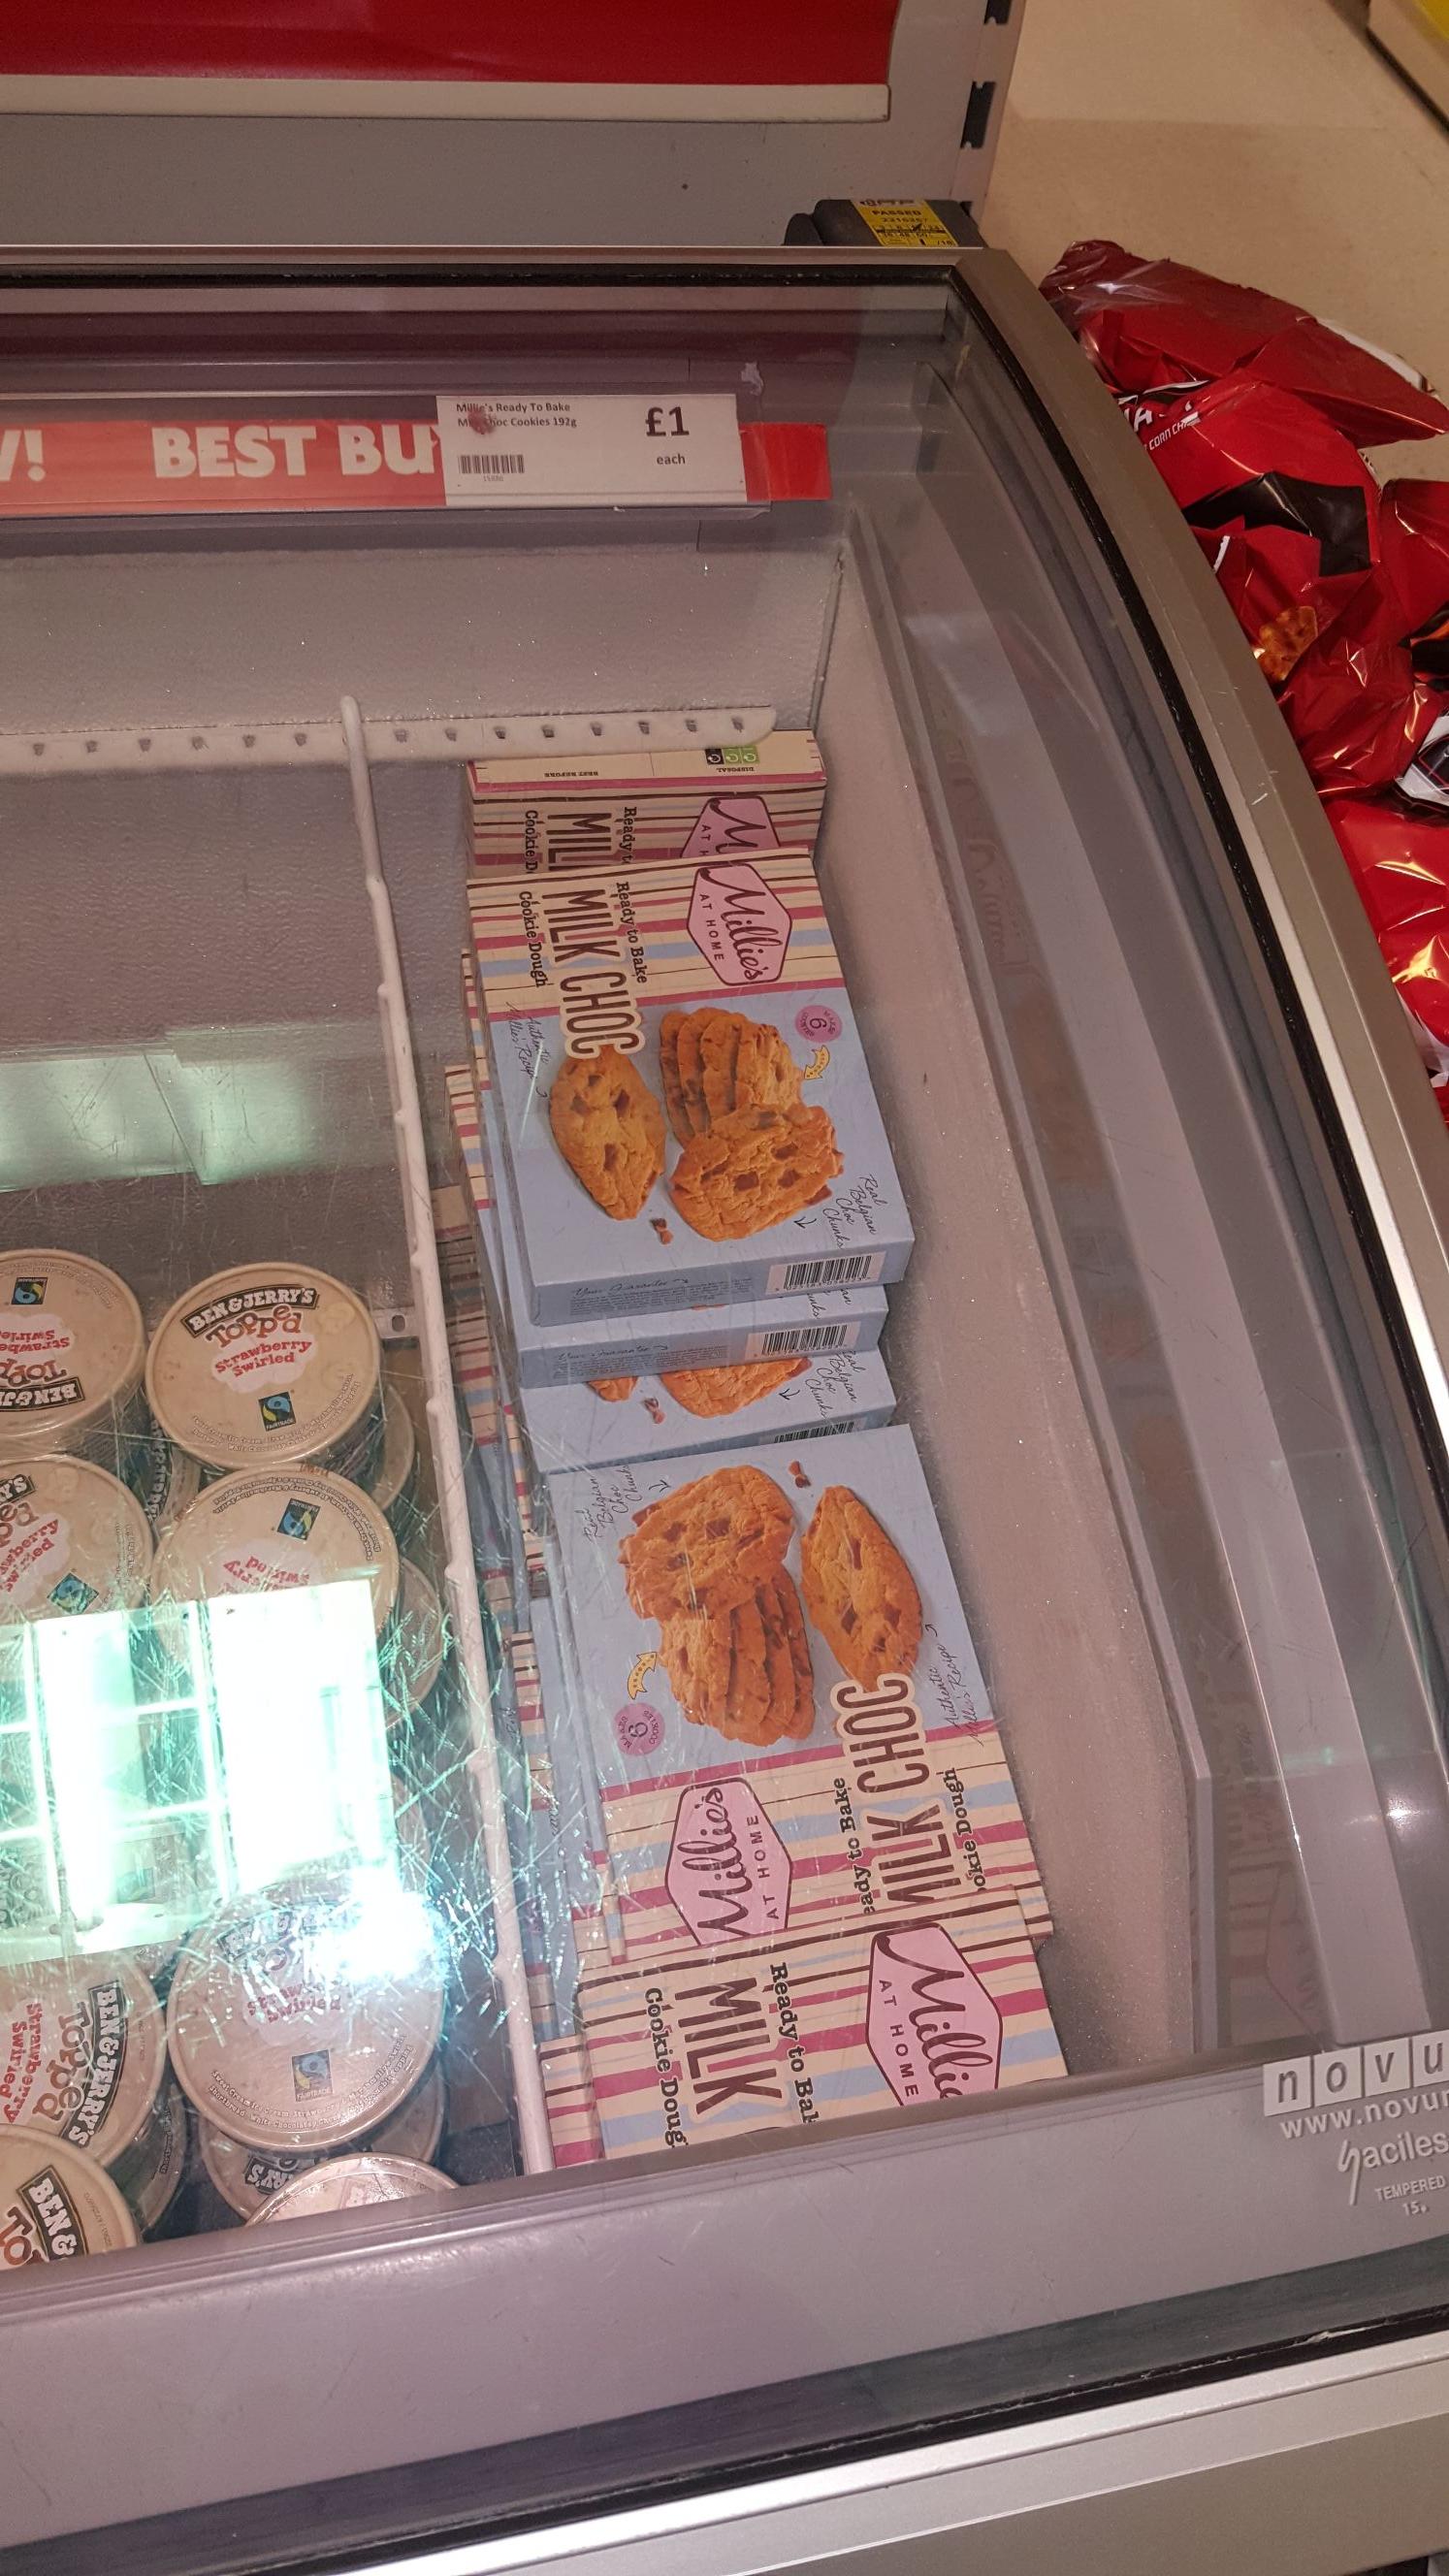 Millie's ready to bake  Milk Choc Cookies - 6pk - £1 instore @ Heron Foods